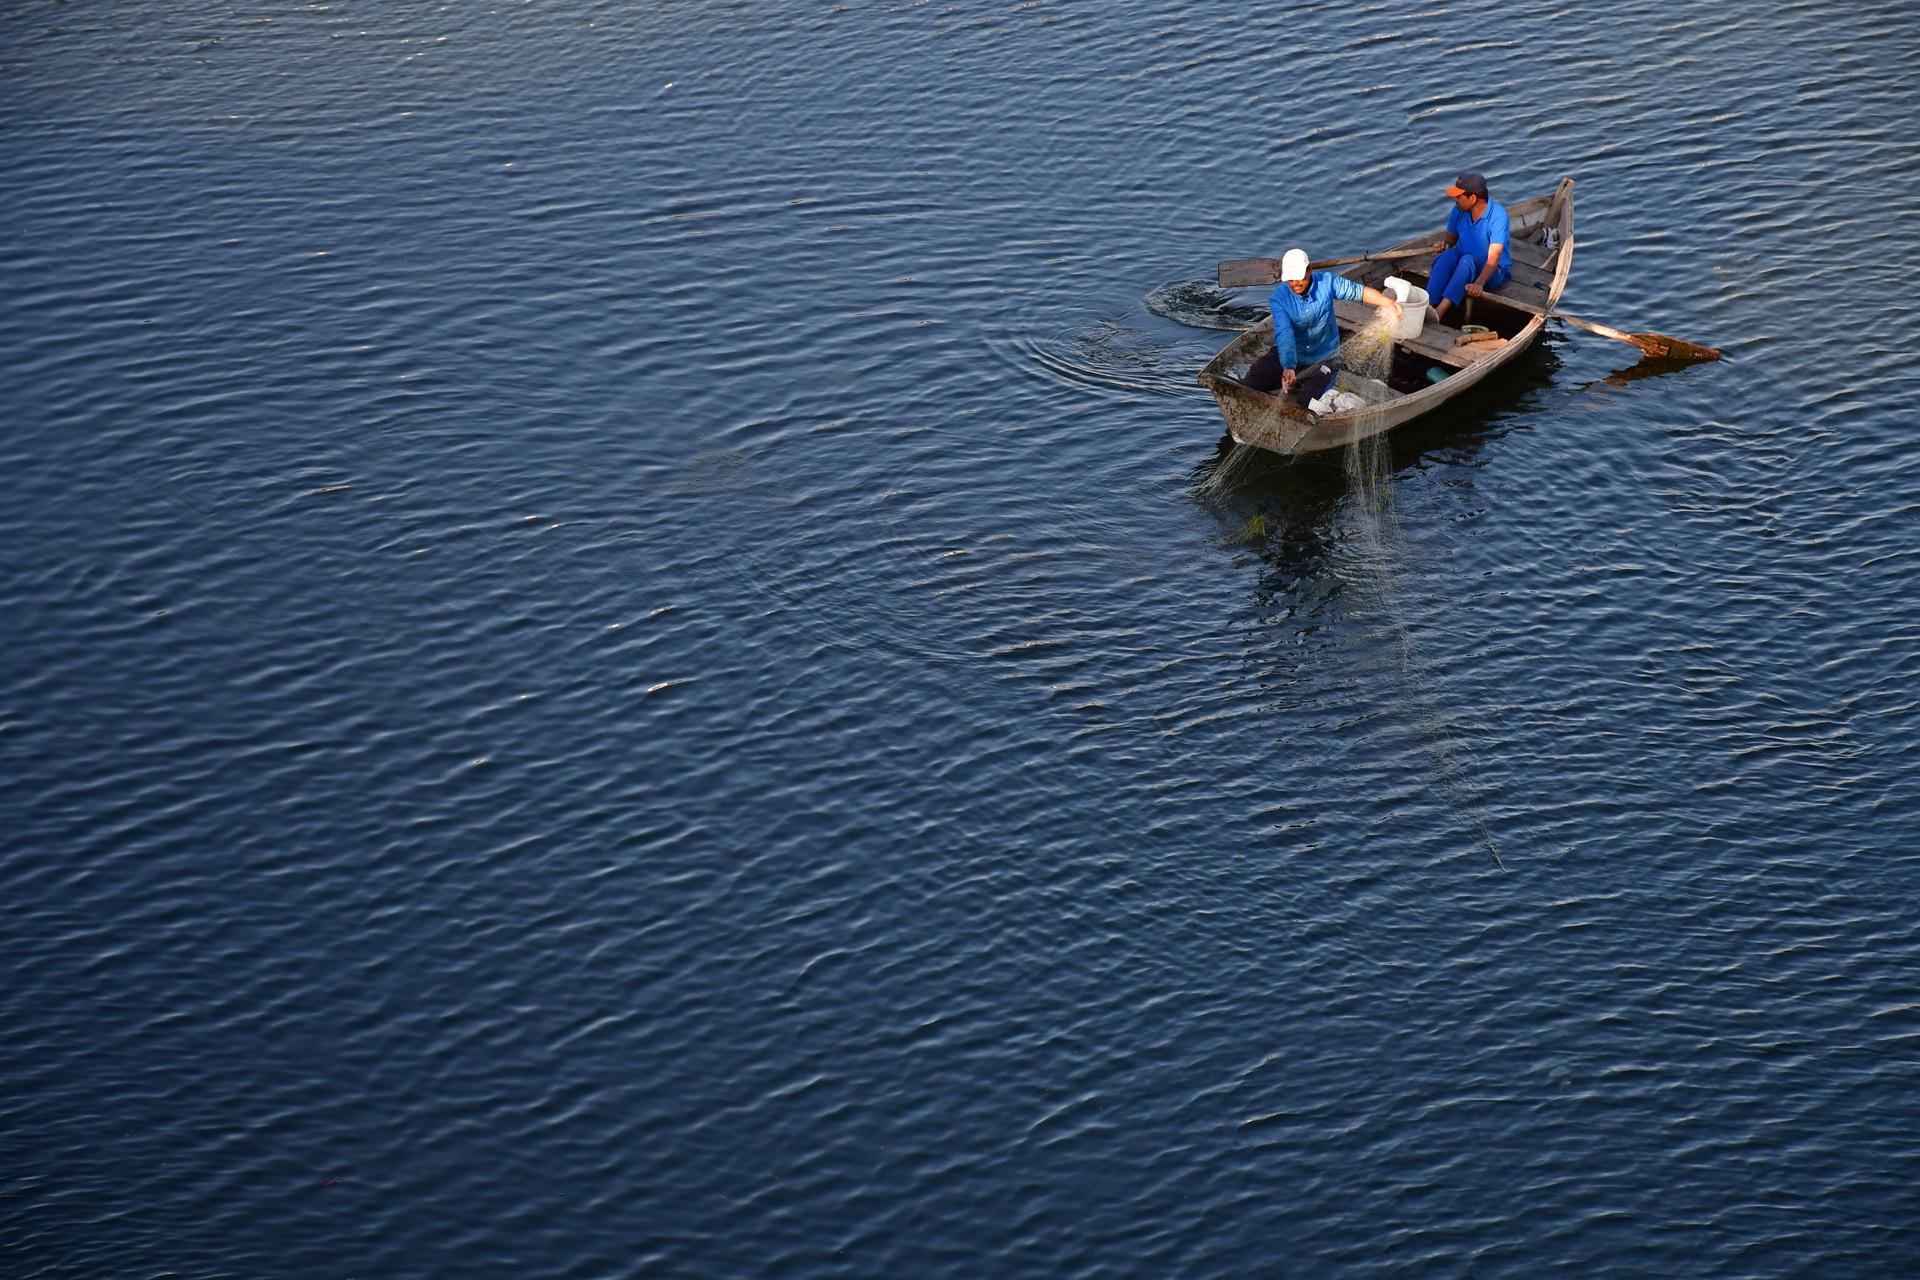 מינימליזם - יואל שתרוג - אדמה יוצרת - סירה - ים דייגים yoel sitruk